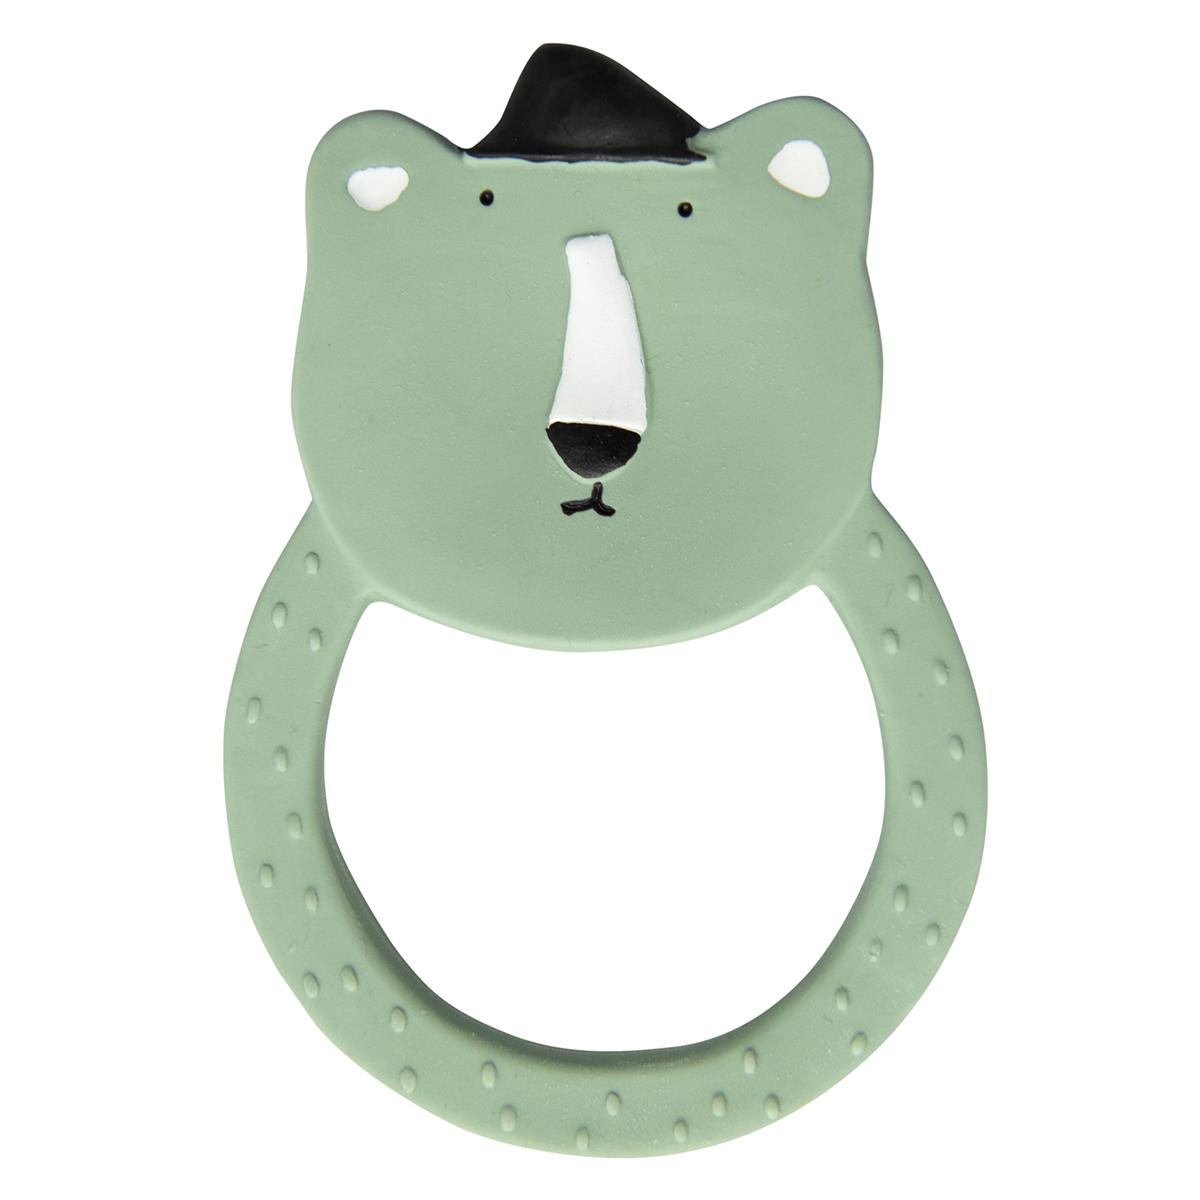 Dentition Anneau de Dentition en Caoutchouc Naturel - Mr. Polar Bear Anneau de Dentition en Caoutchouc Naturel - Mr. Polar Bear